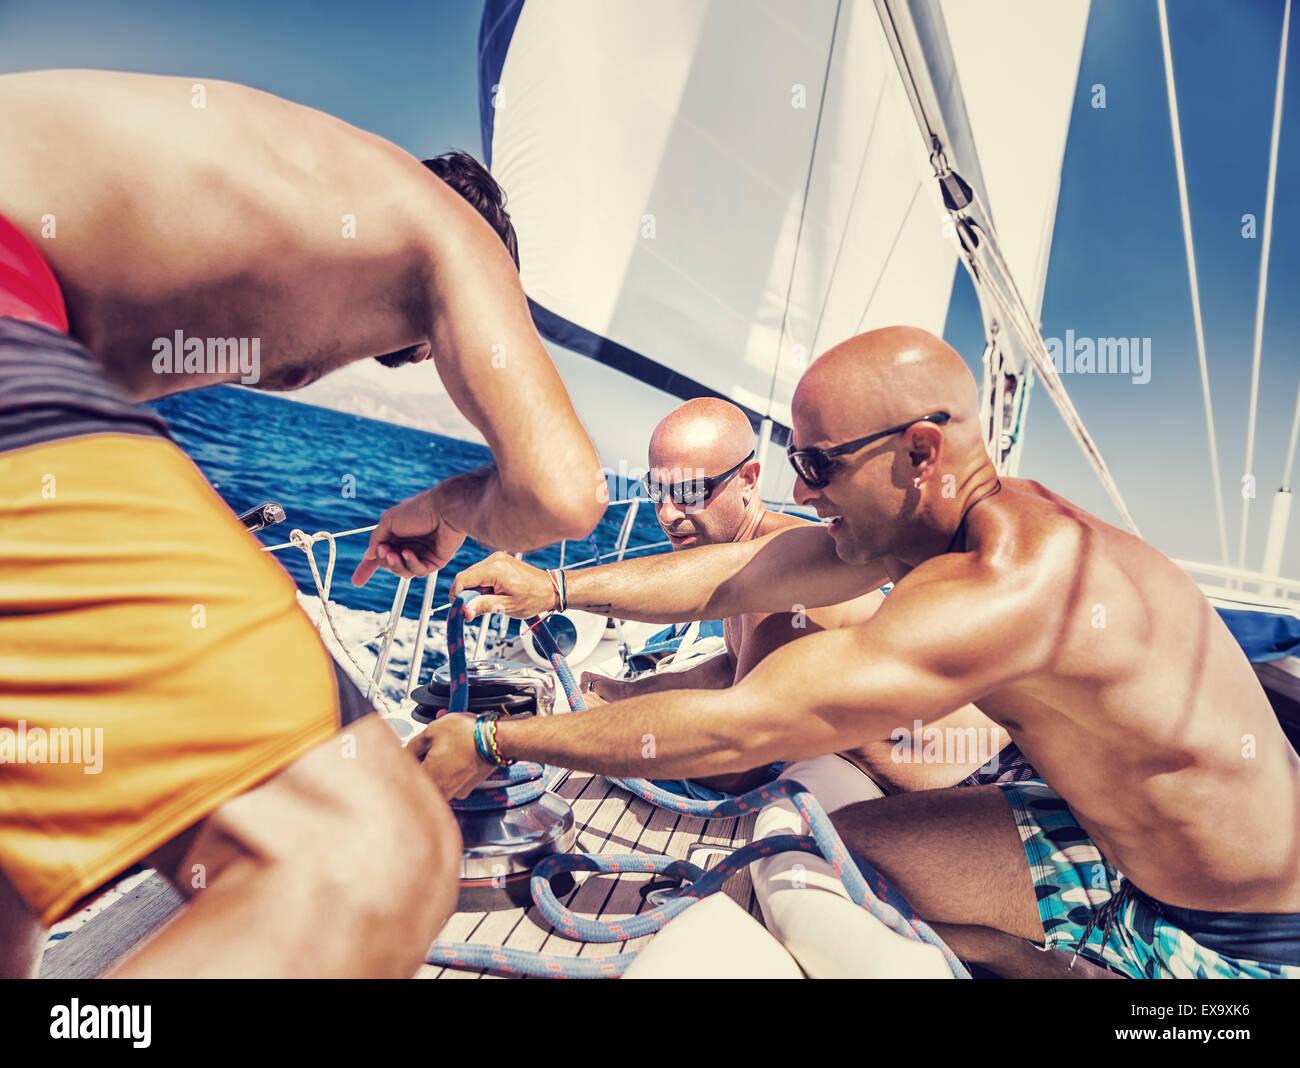 Gruppo di bello shirtless marinai lavorando su barche a vela, coinvolti in concorrenza marittima, godendo di sport Immagini Stock